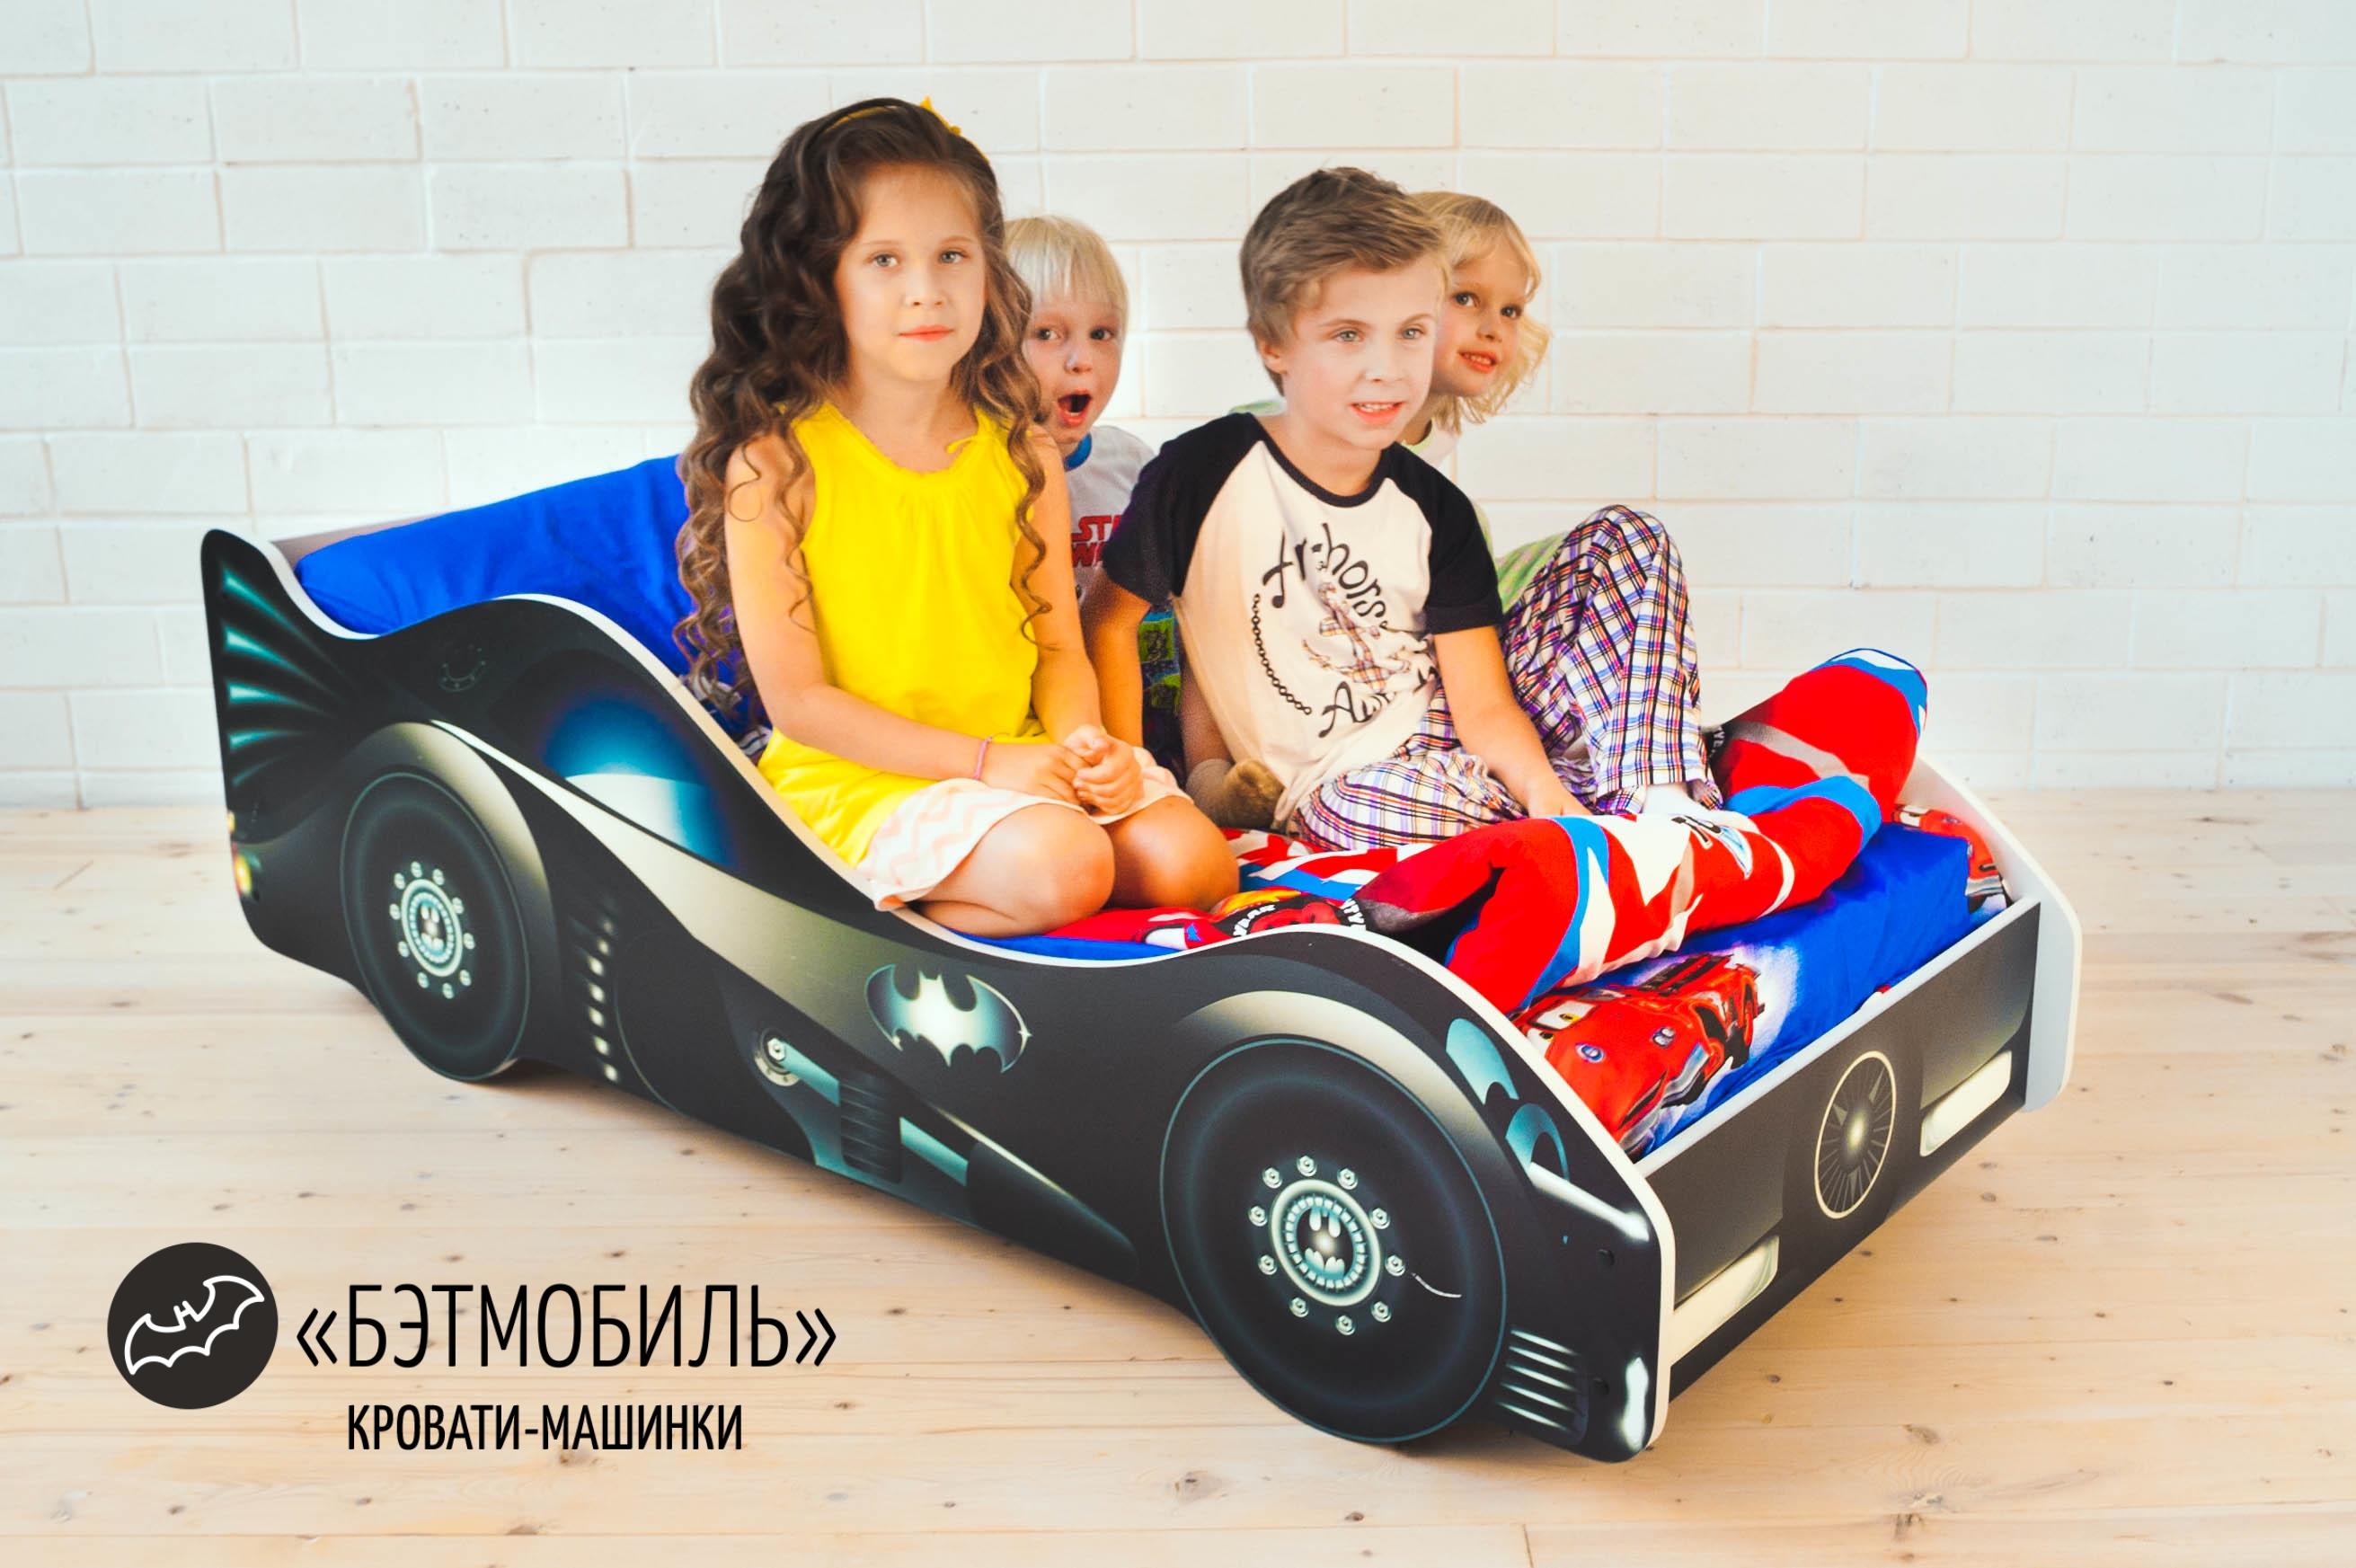 Детская кровать-машина -Бэтмобиль-1